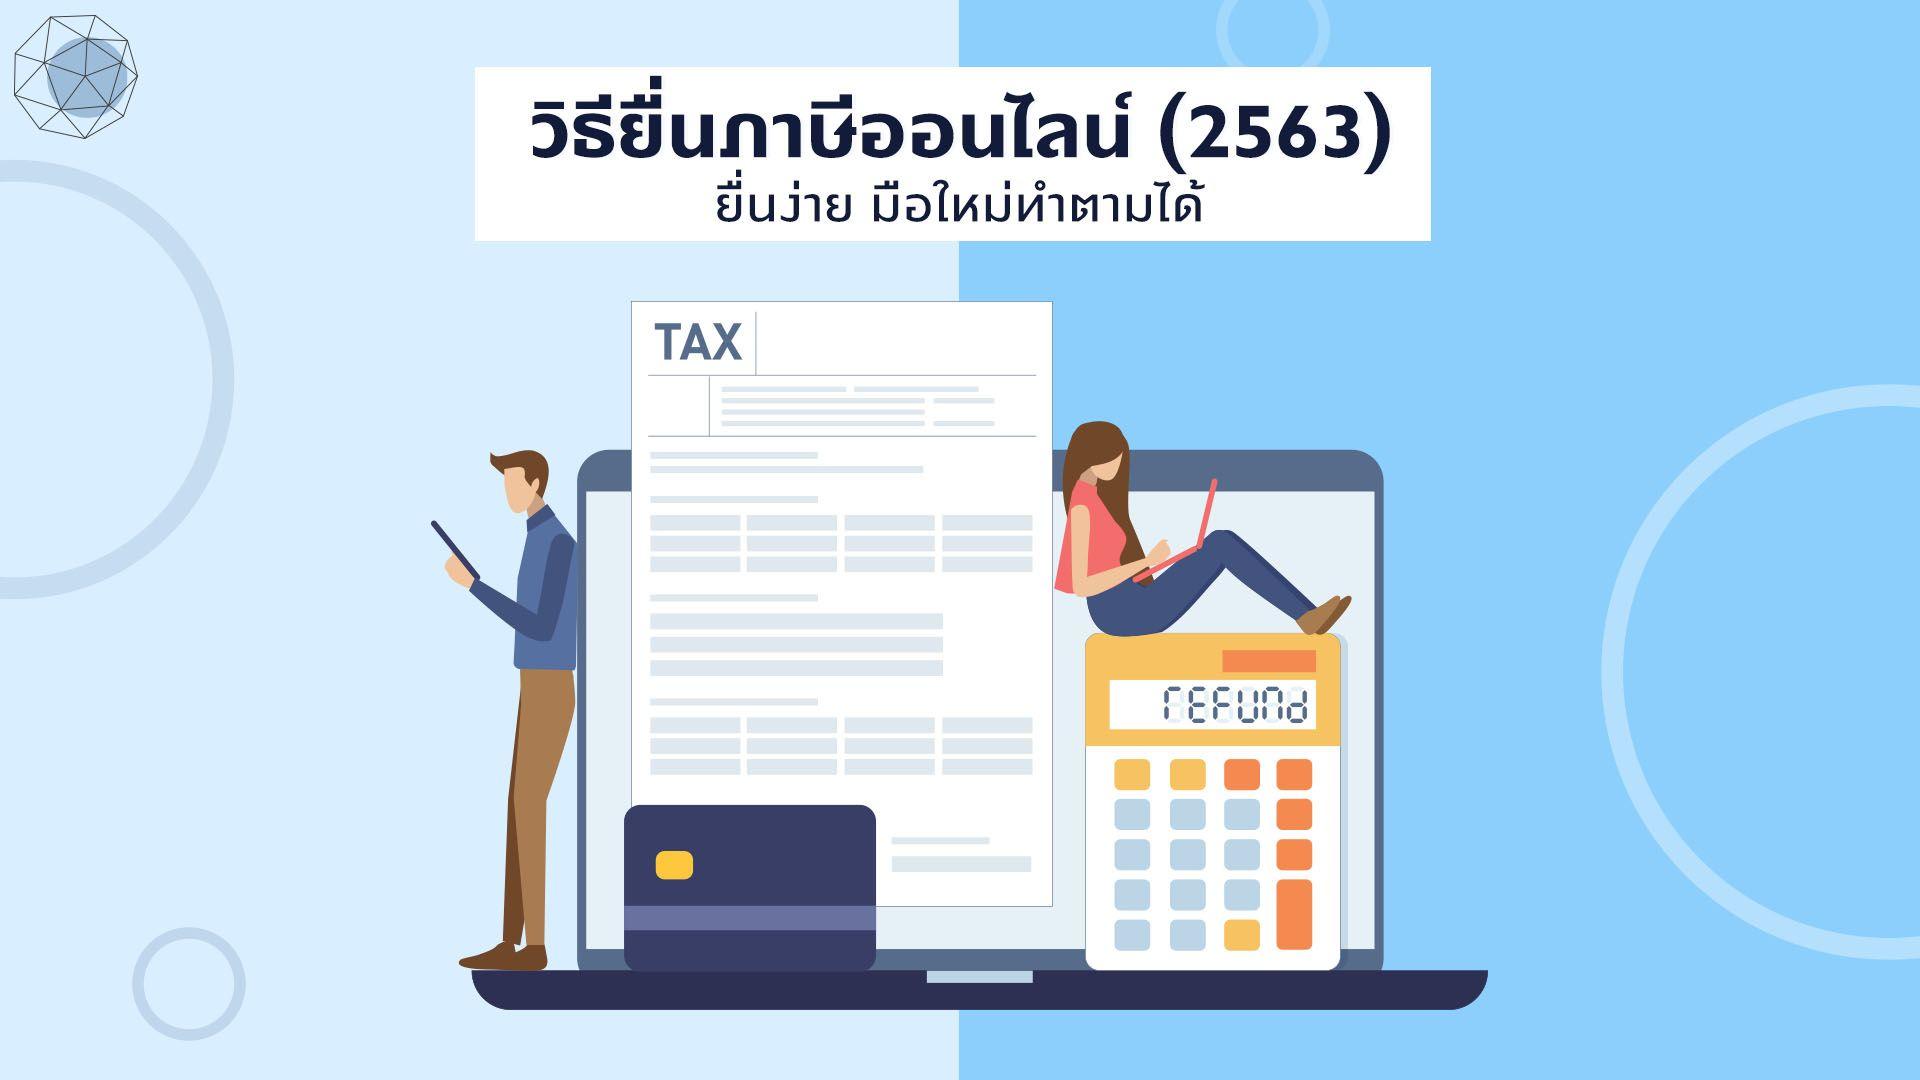 วิธียื่นภาษีออนไลน์ 2563